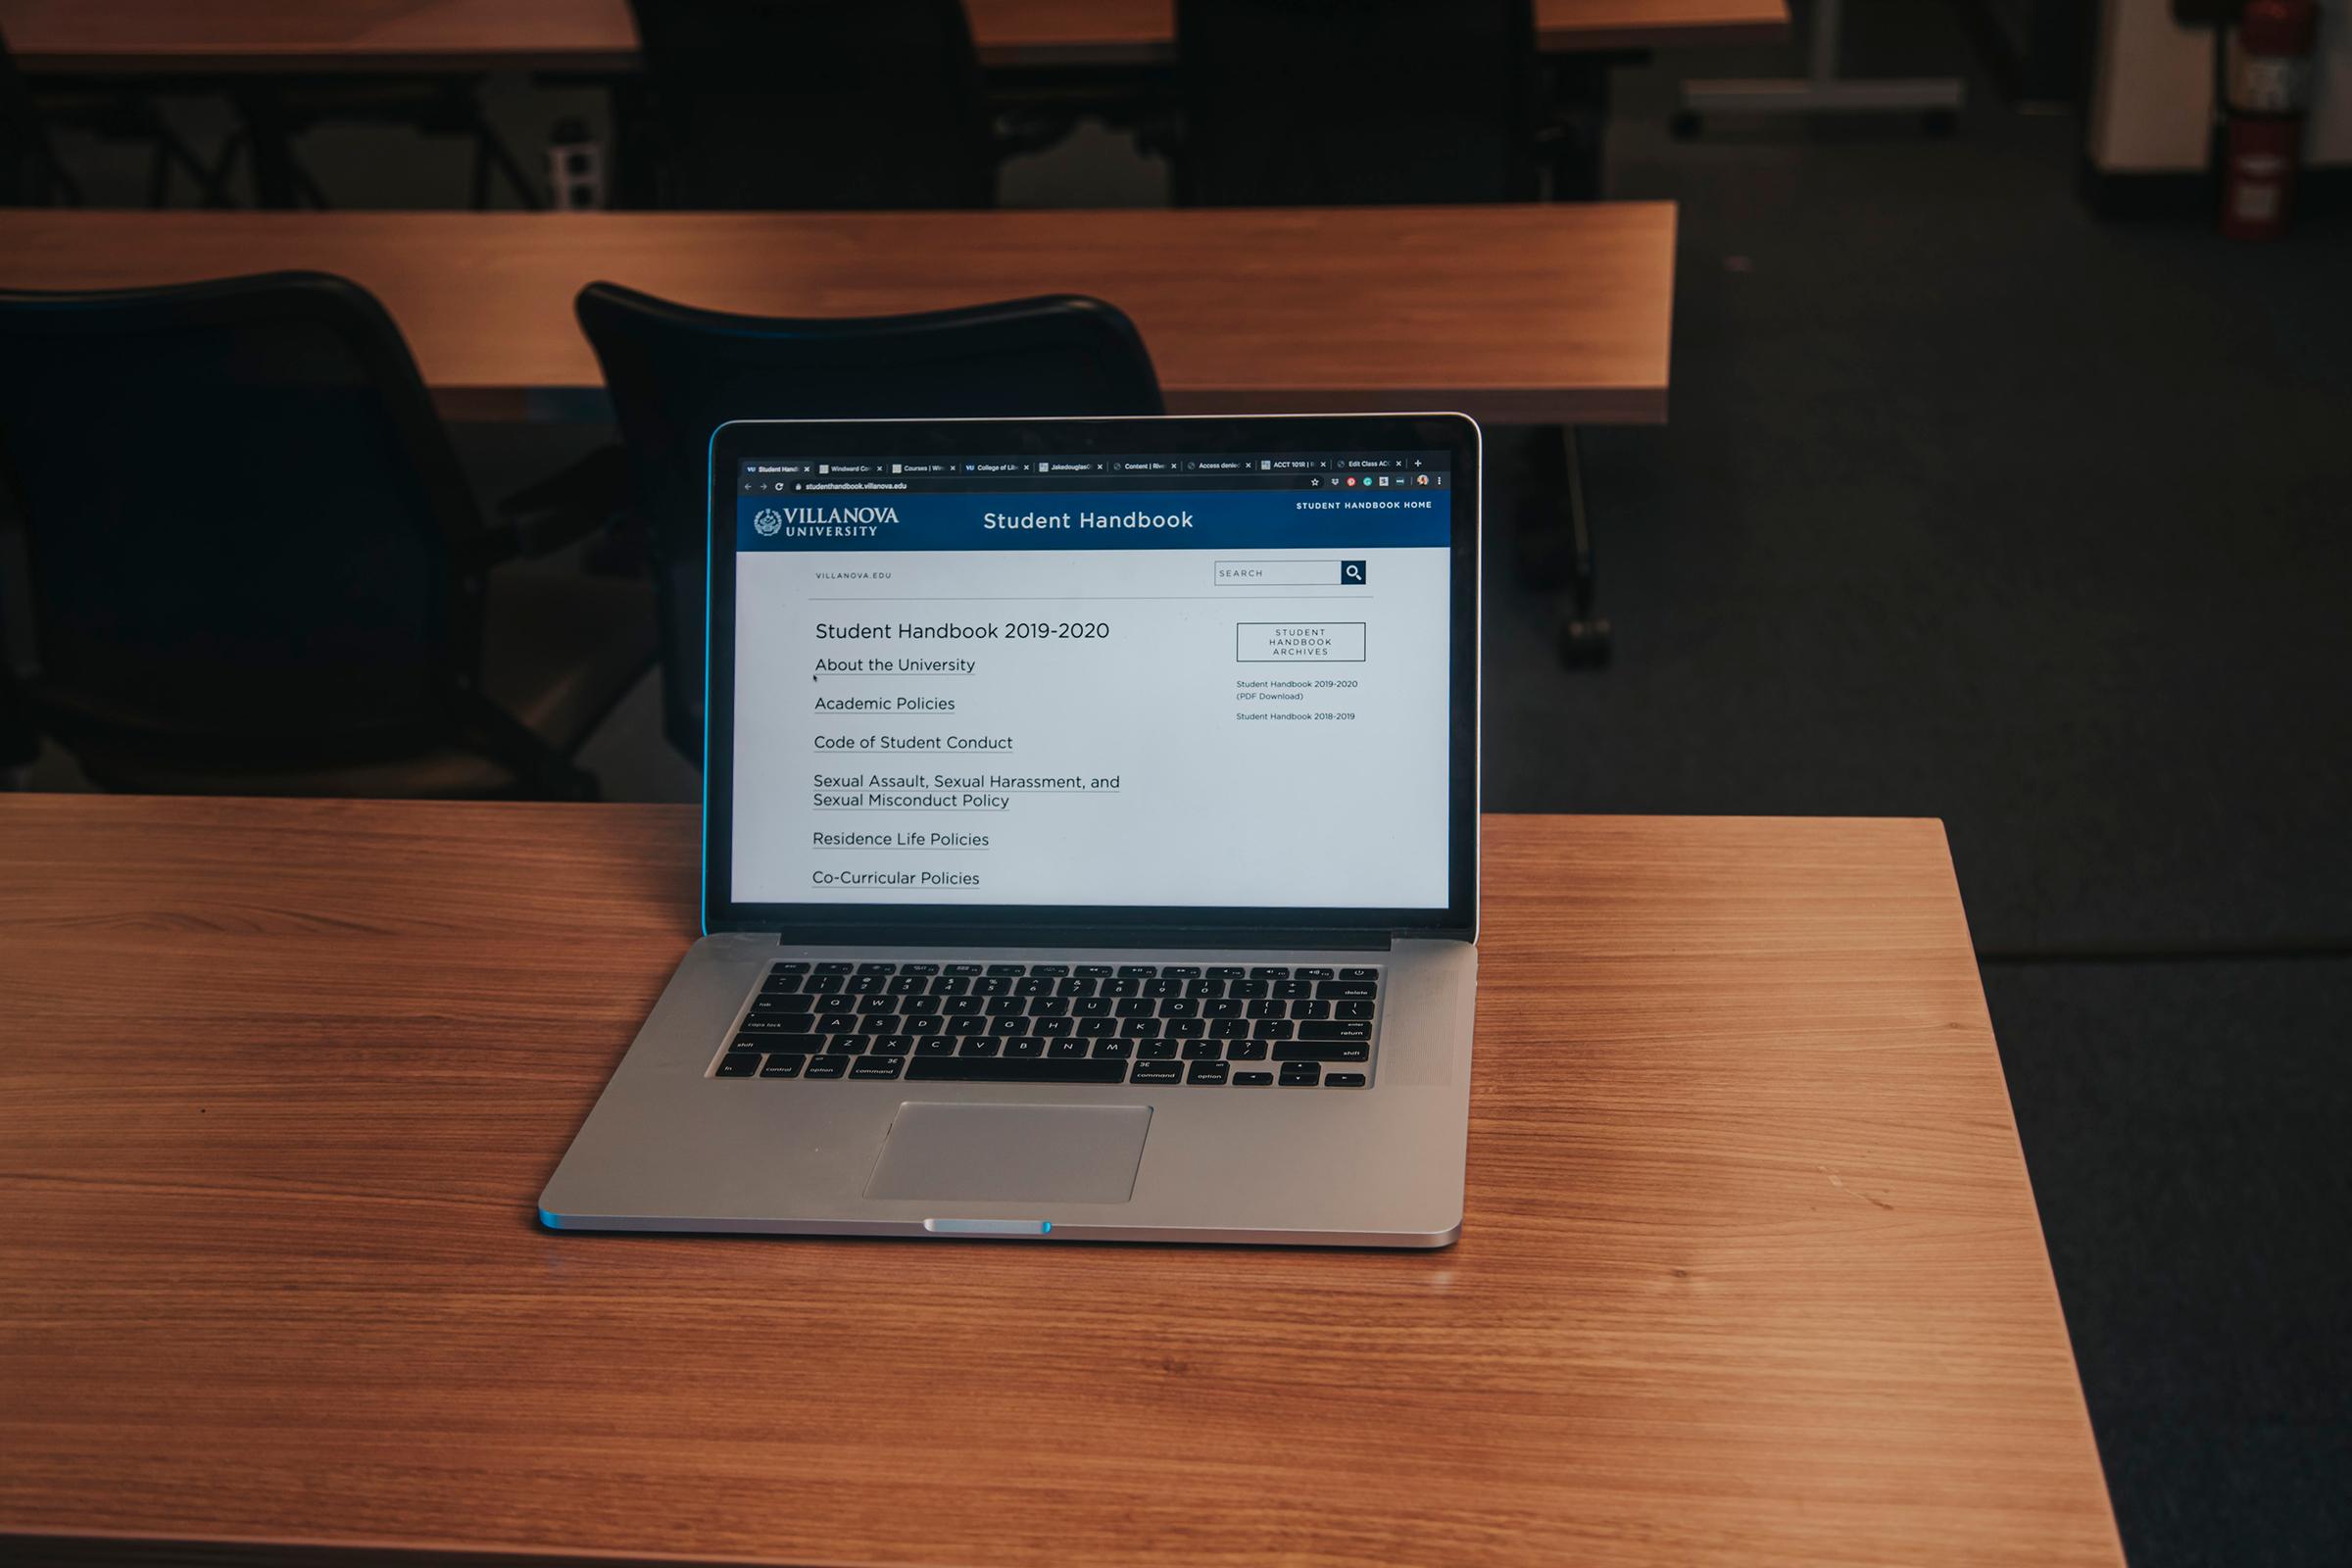 a laptop viewing student handbook software